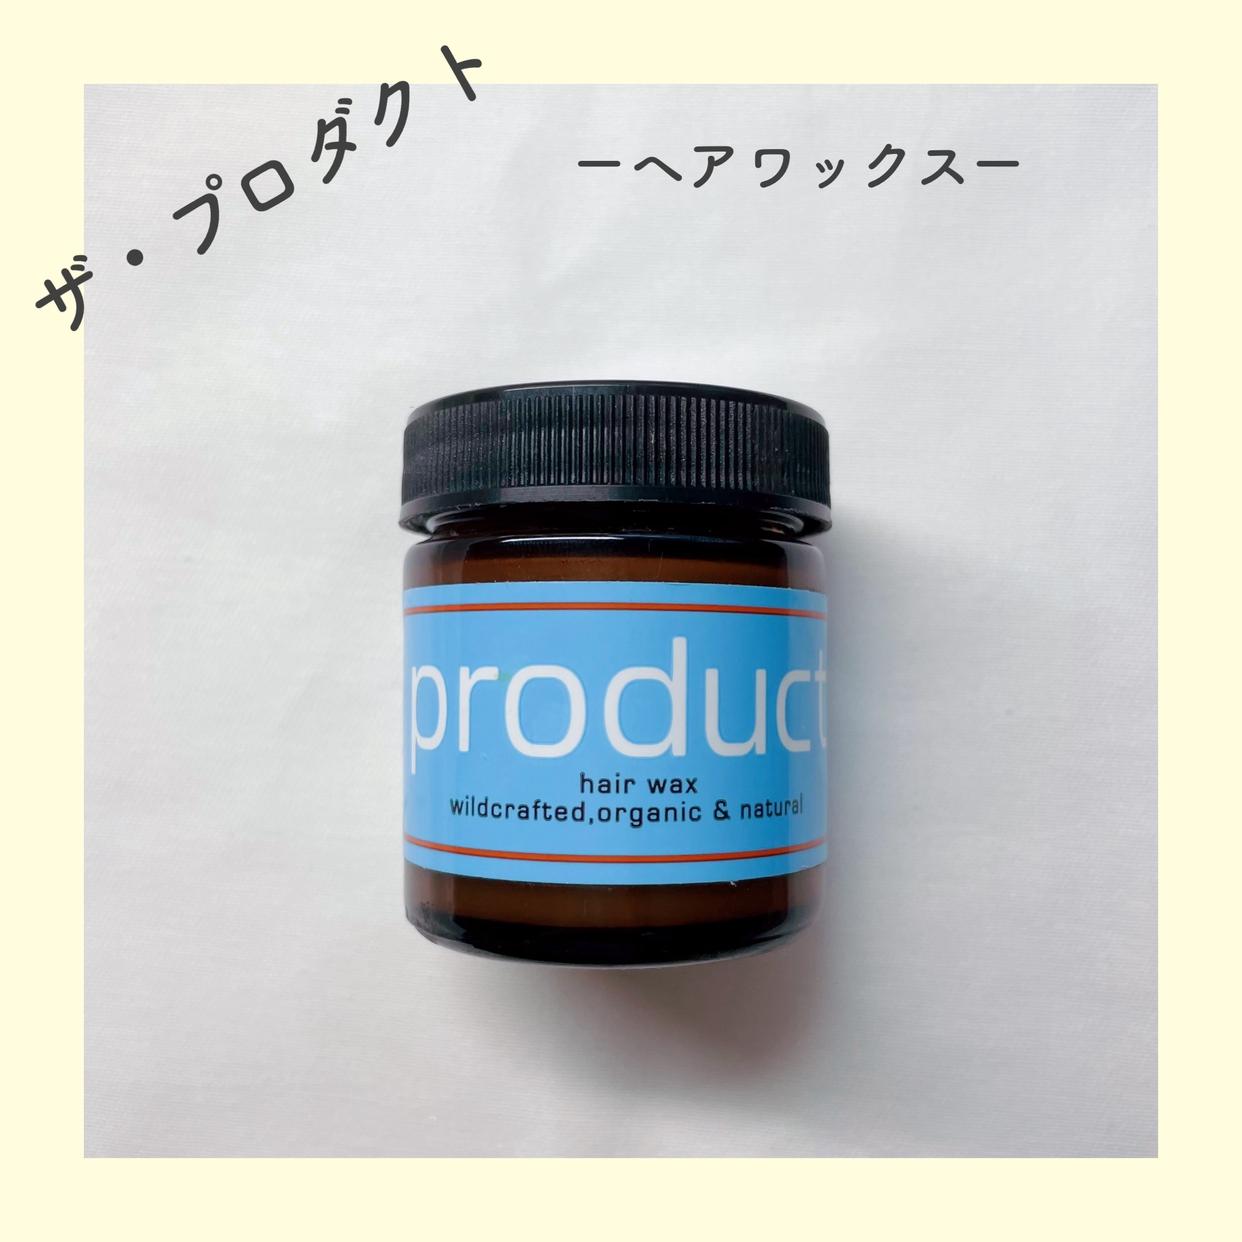 product(ザ・プロダクト)ヘアワックスを使った mokoさんの口コミ画像3